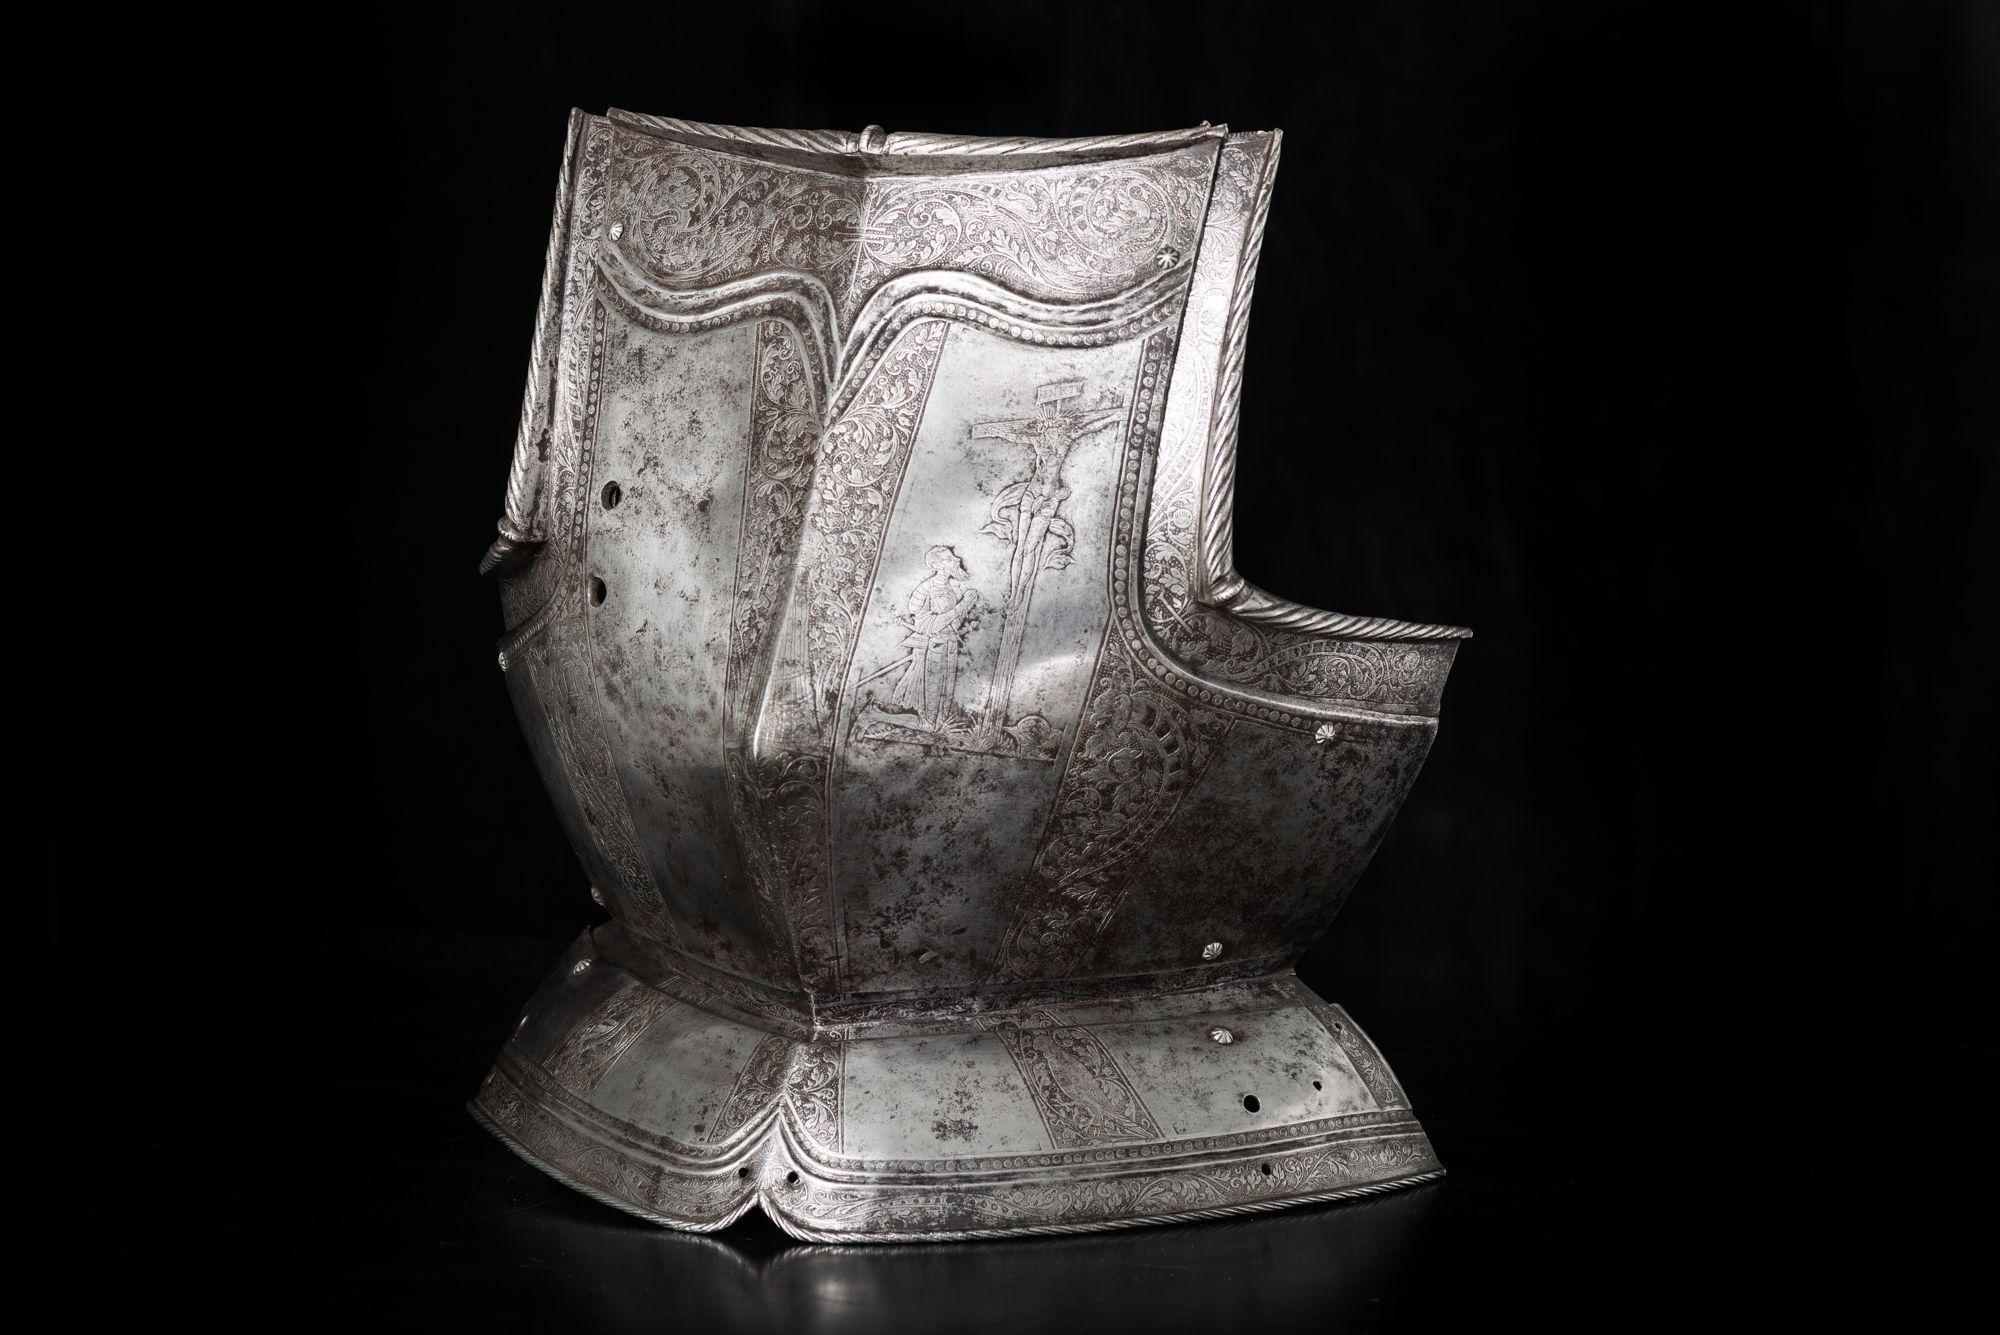 Нагрудник доспеха. Мастер Петер Шпеер. 1562 г. Священная Римская империя германской нации, Германия, Саксония. Сталь, ковка, выколотка по форме, травление, гравировка, чернь. Высота - 38 см; ширина - 39 см.